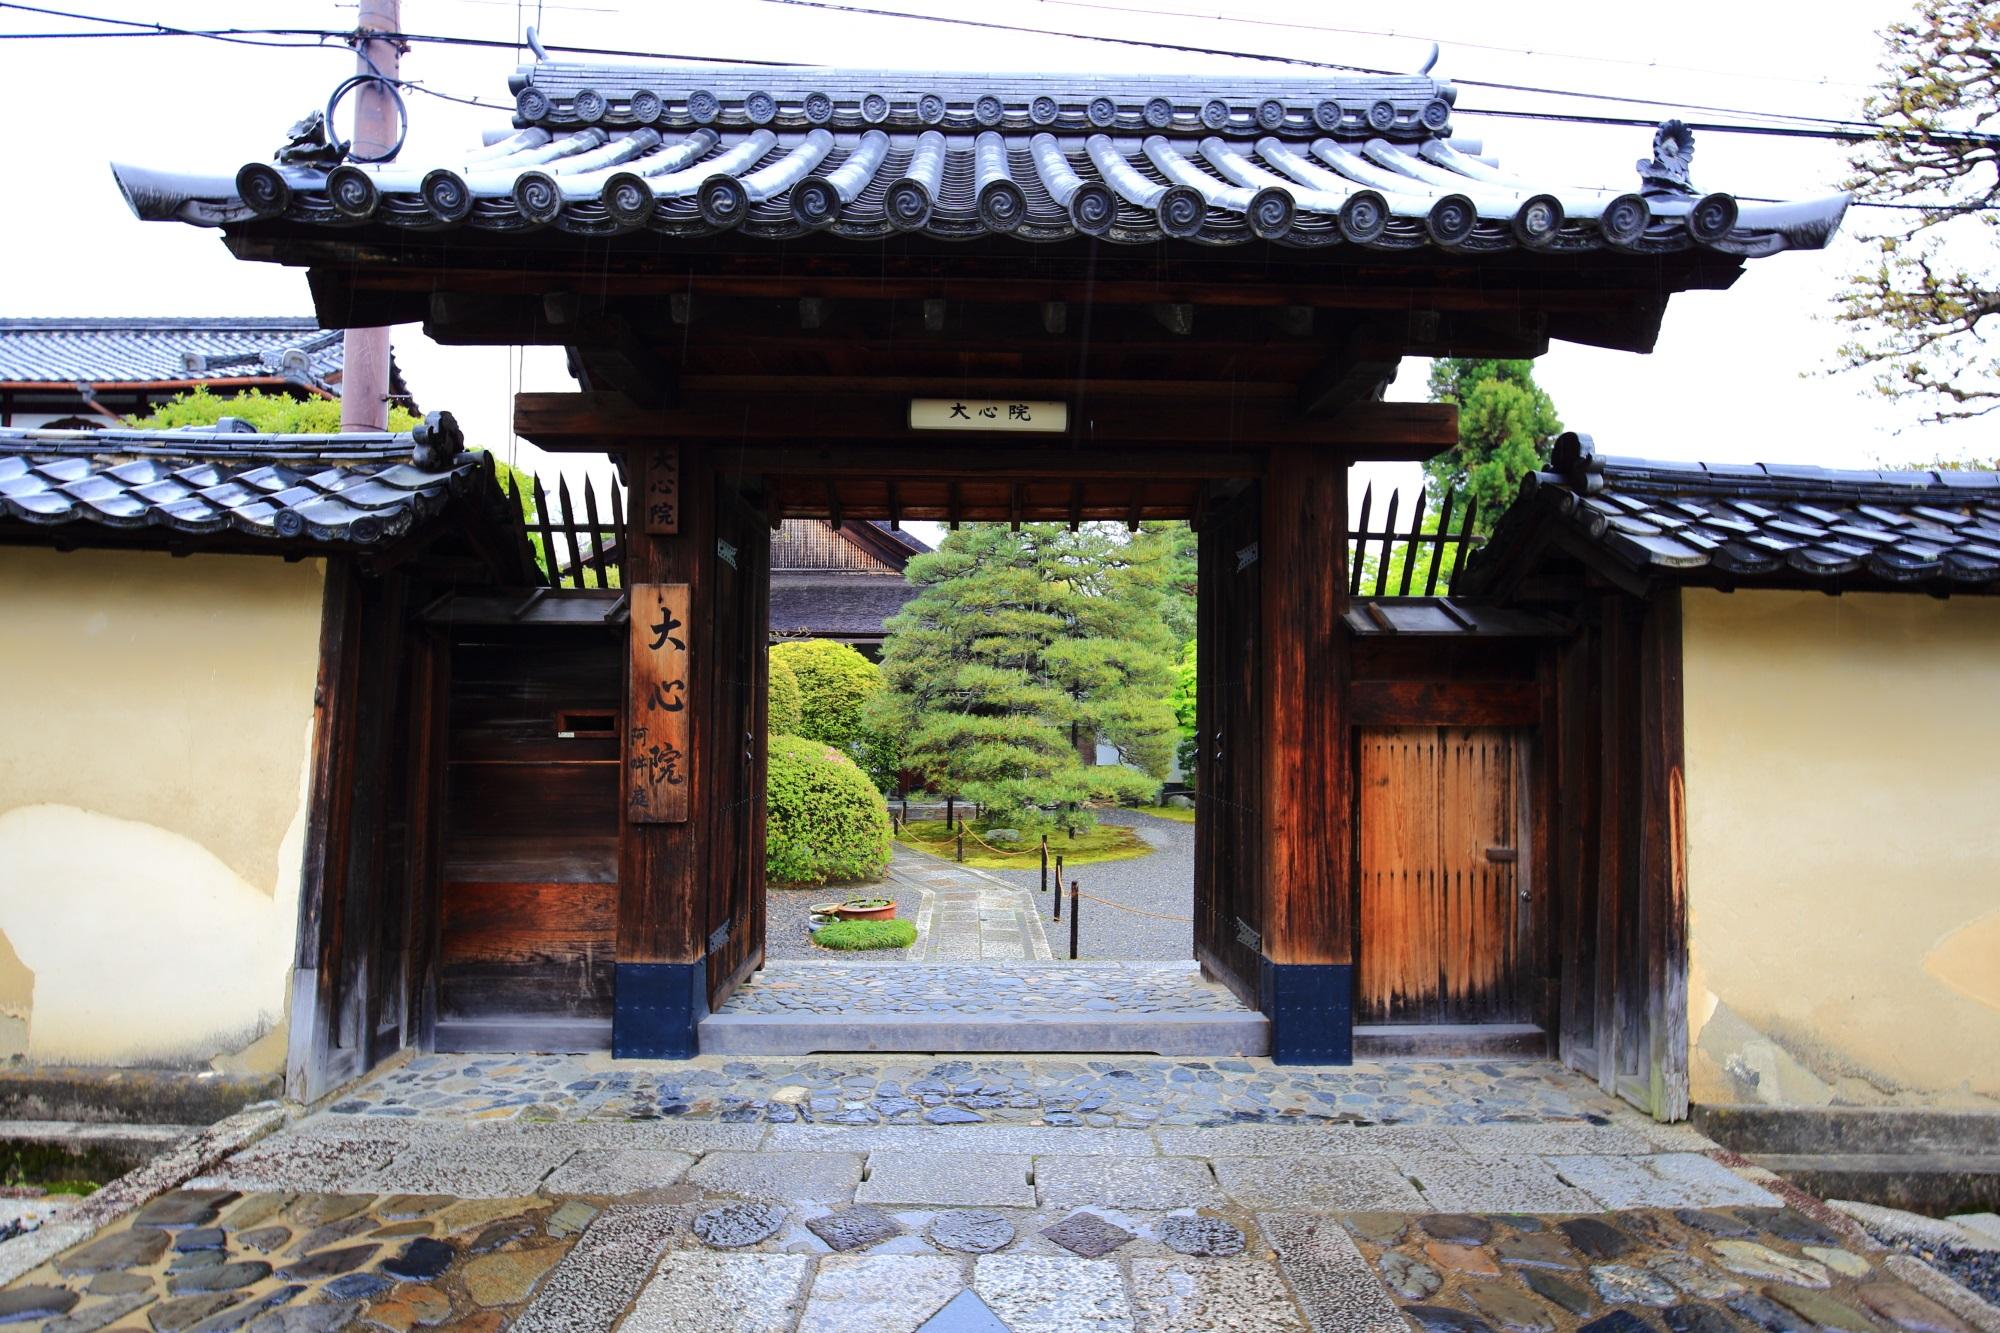 奥には松などの緑が見える妙心寺の大心院の入口の門